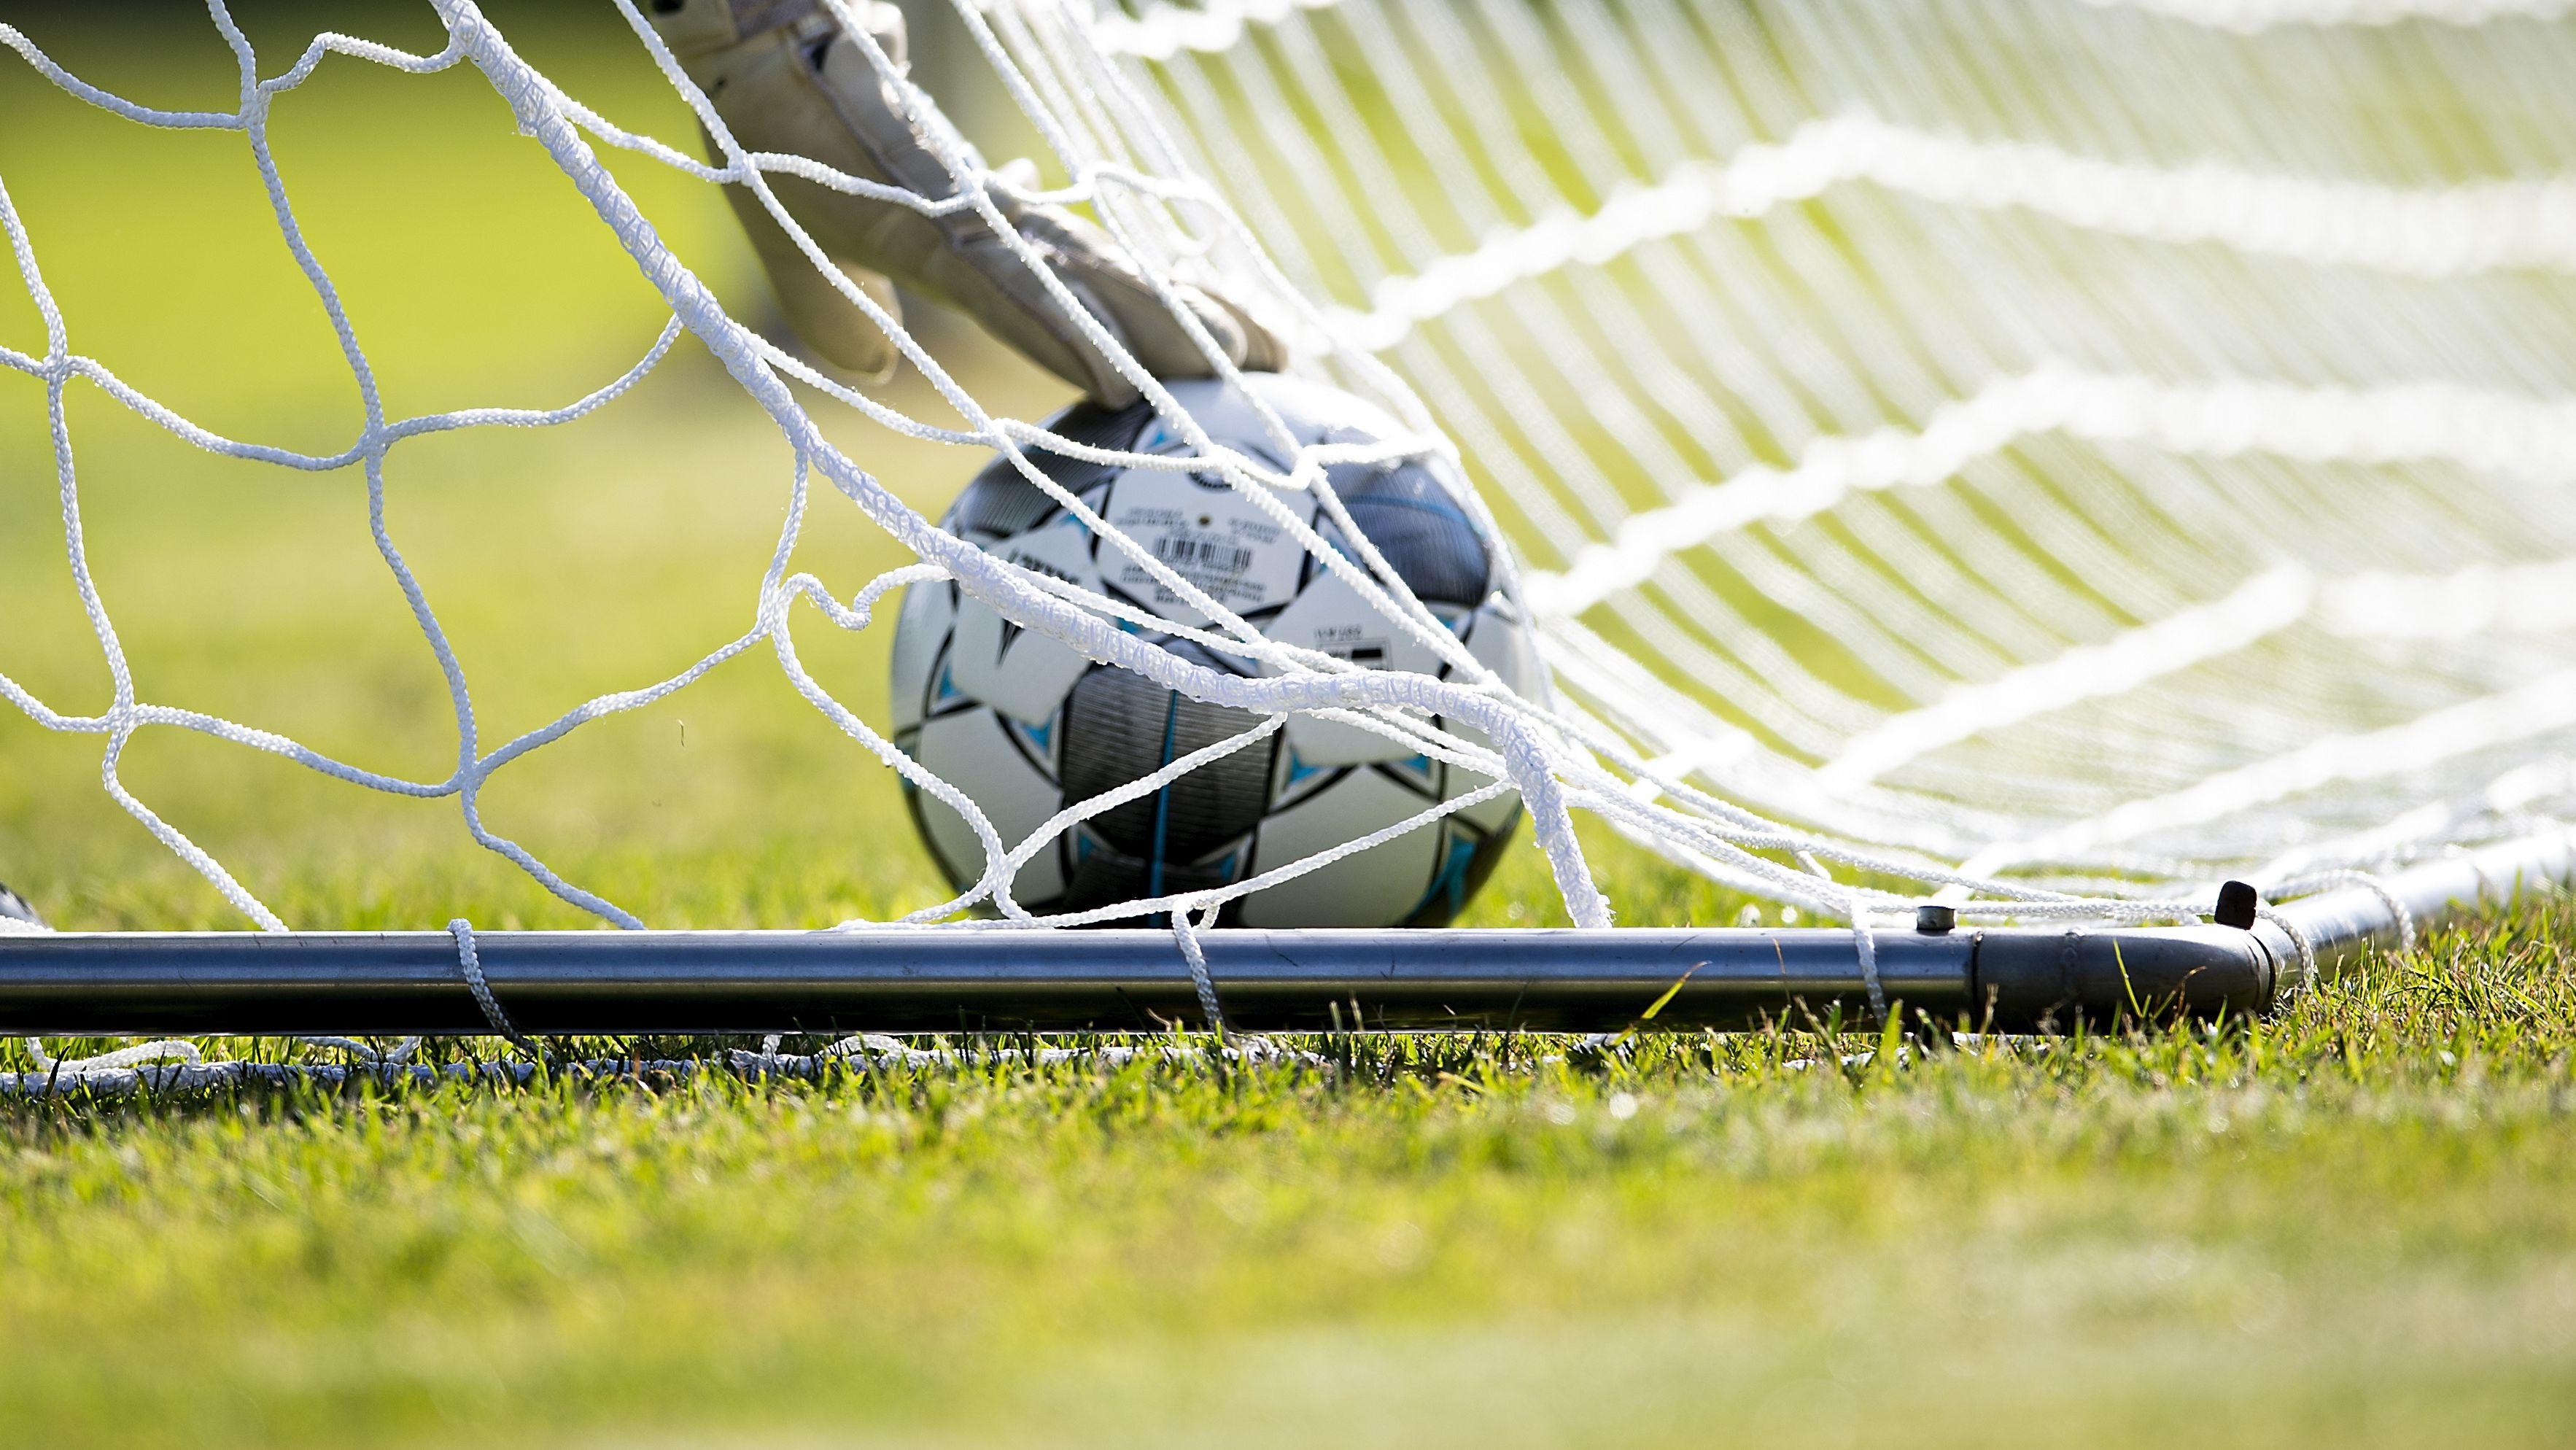 Ein Fußball in einem Fußballtor